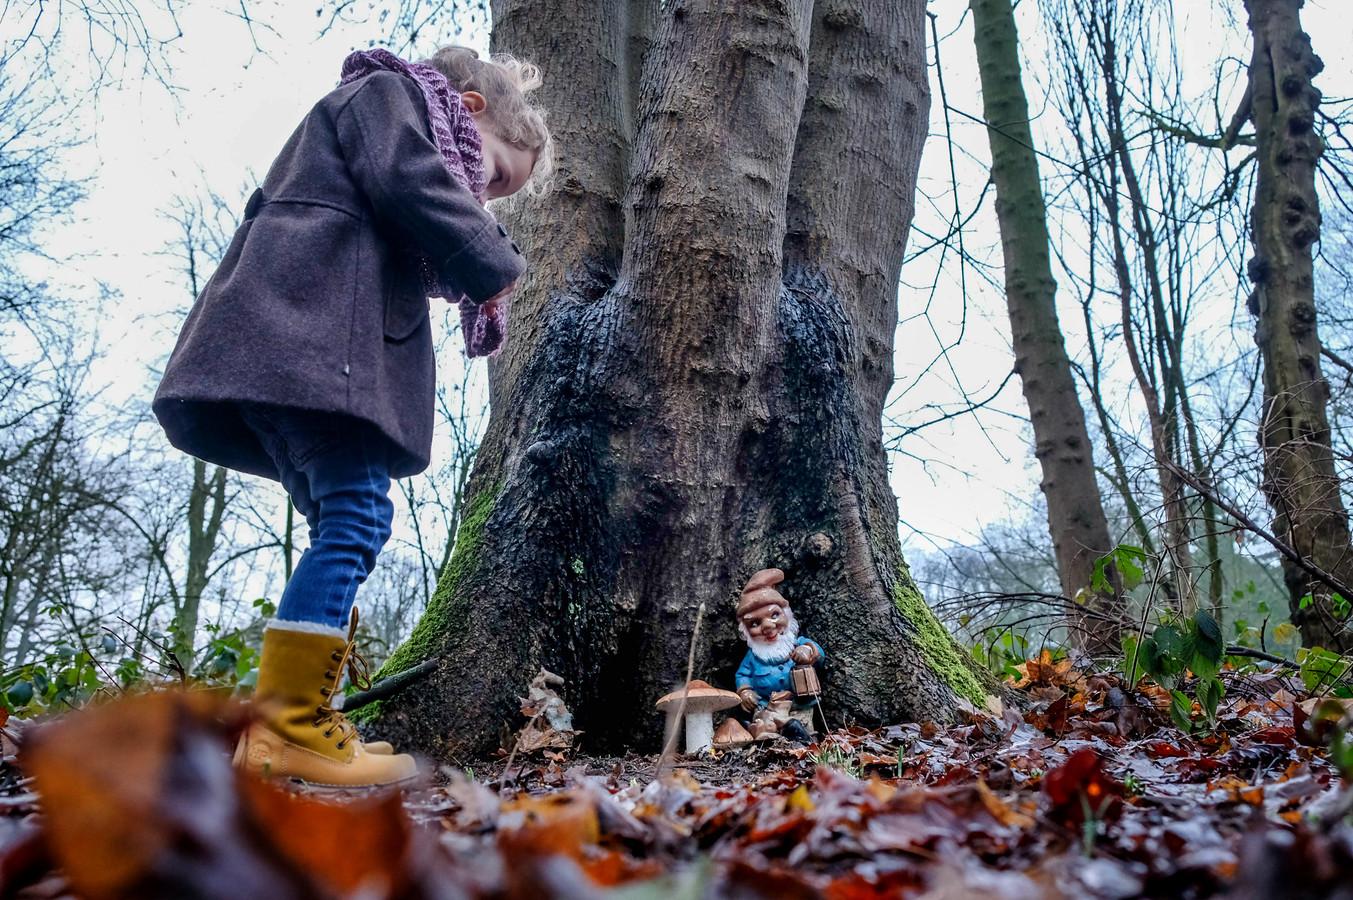 Zou hij in die boom wonen? Op Heerlijkheid Horssen wemelt het van de kabouters, trollen en smurfen. Philine Aalbers wandelt erlangs en vindt ze lief.